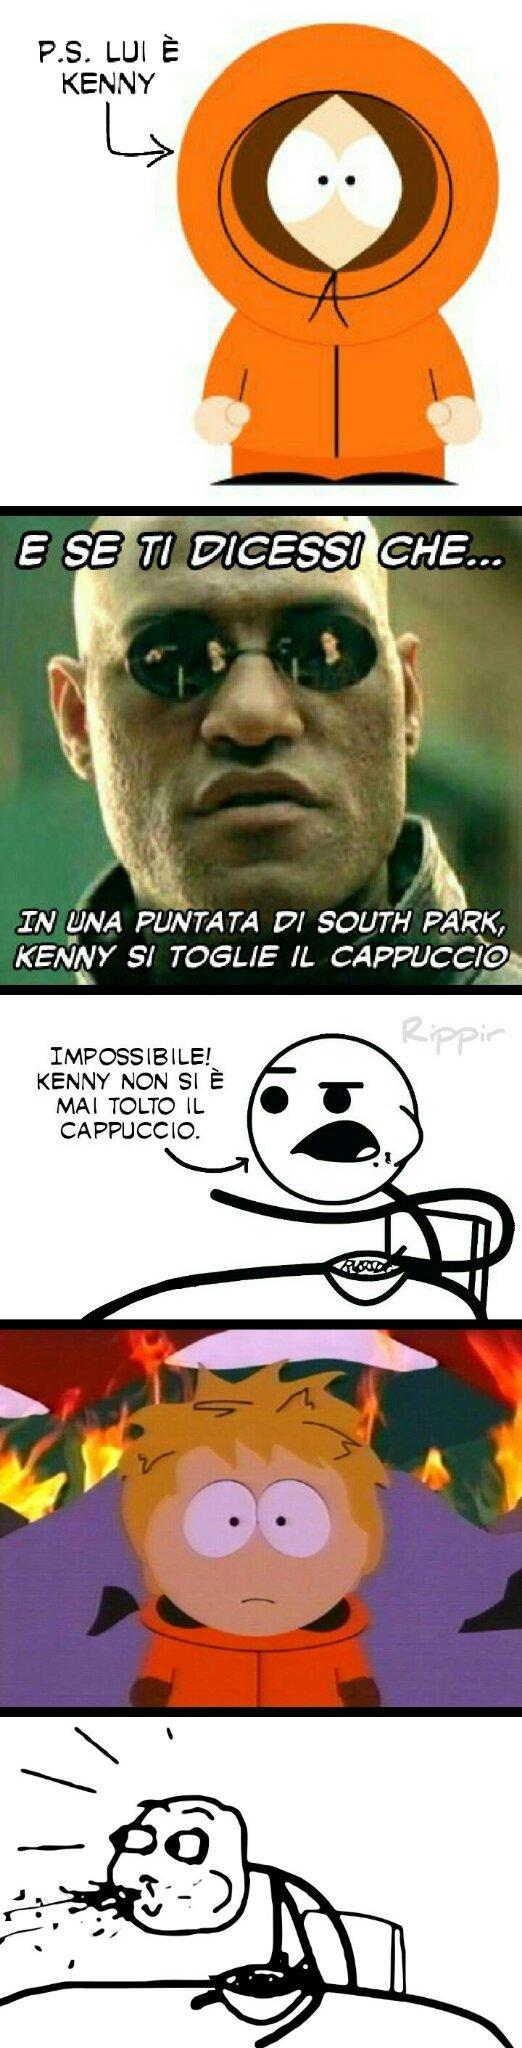 Kenny senza cappuccio?! Che figata! - meme